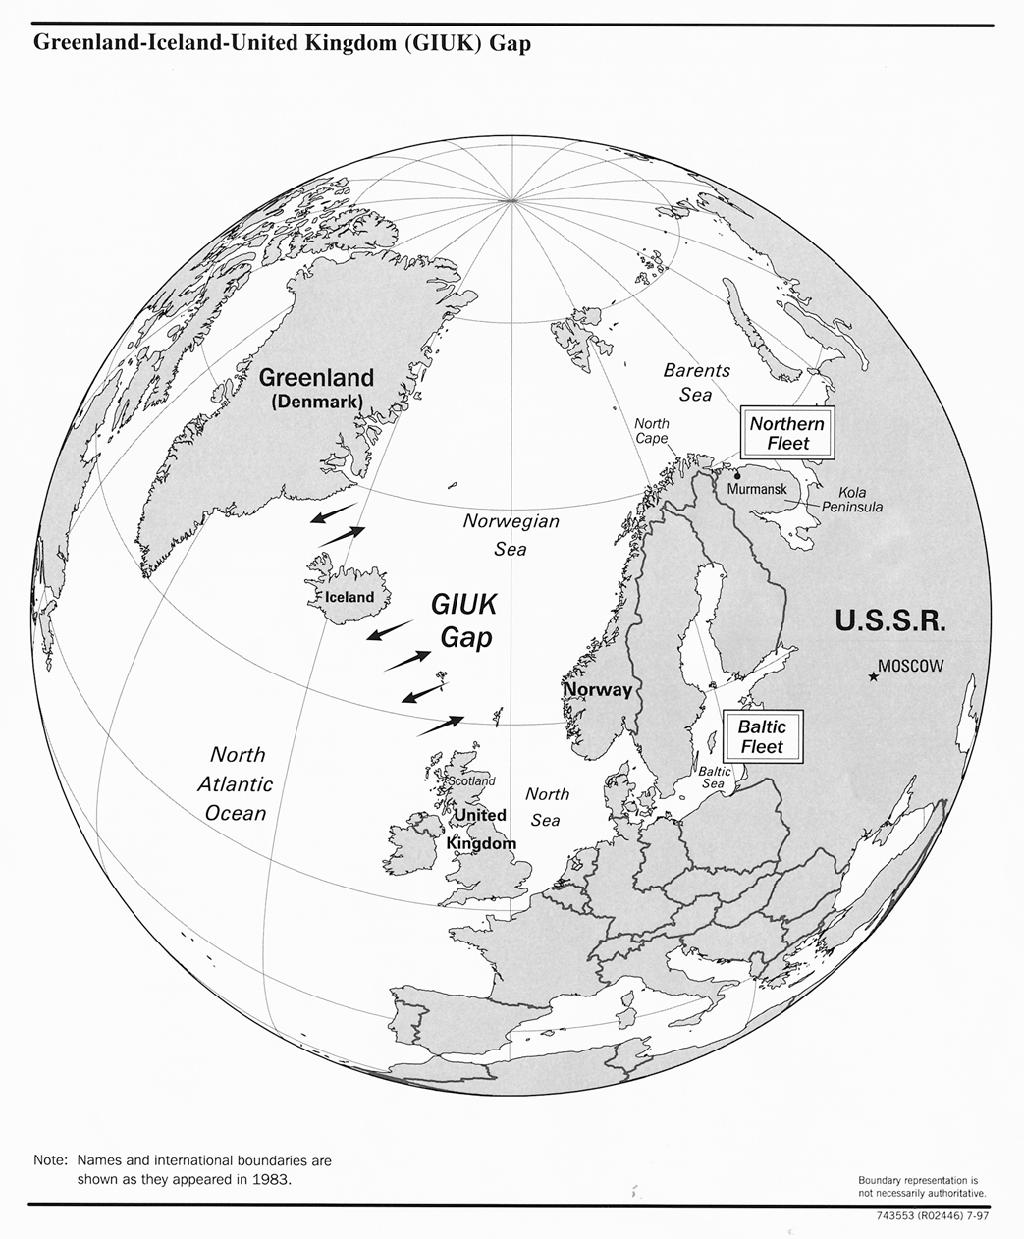 Obszar GIUK Gap (Brama GIUK). Mapa z 1983 roku. Źródło: https://www.cia.gov/csi/monograph/coldwar/pg9.gif, https://commons.wikimedia.org/w/index.php?curid=1663941